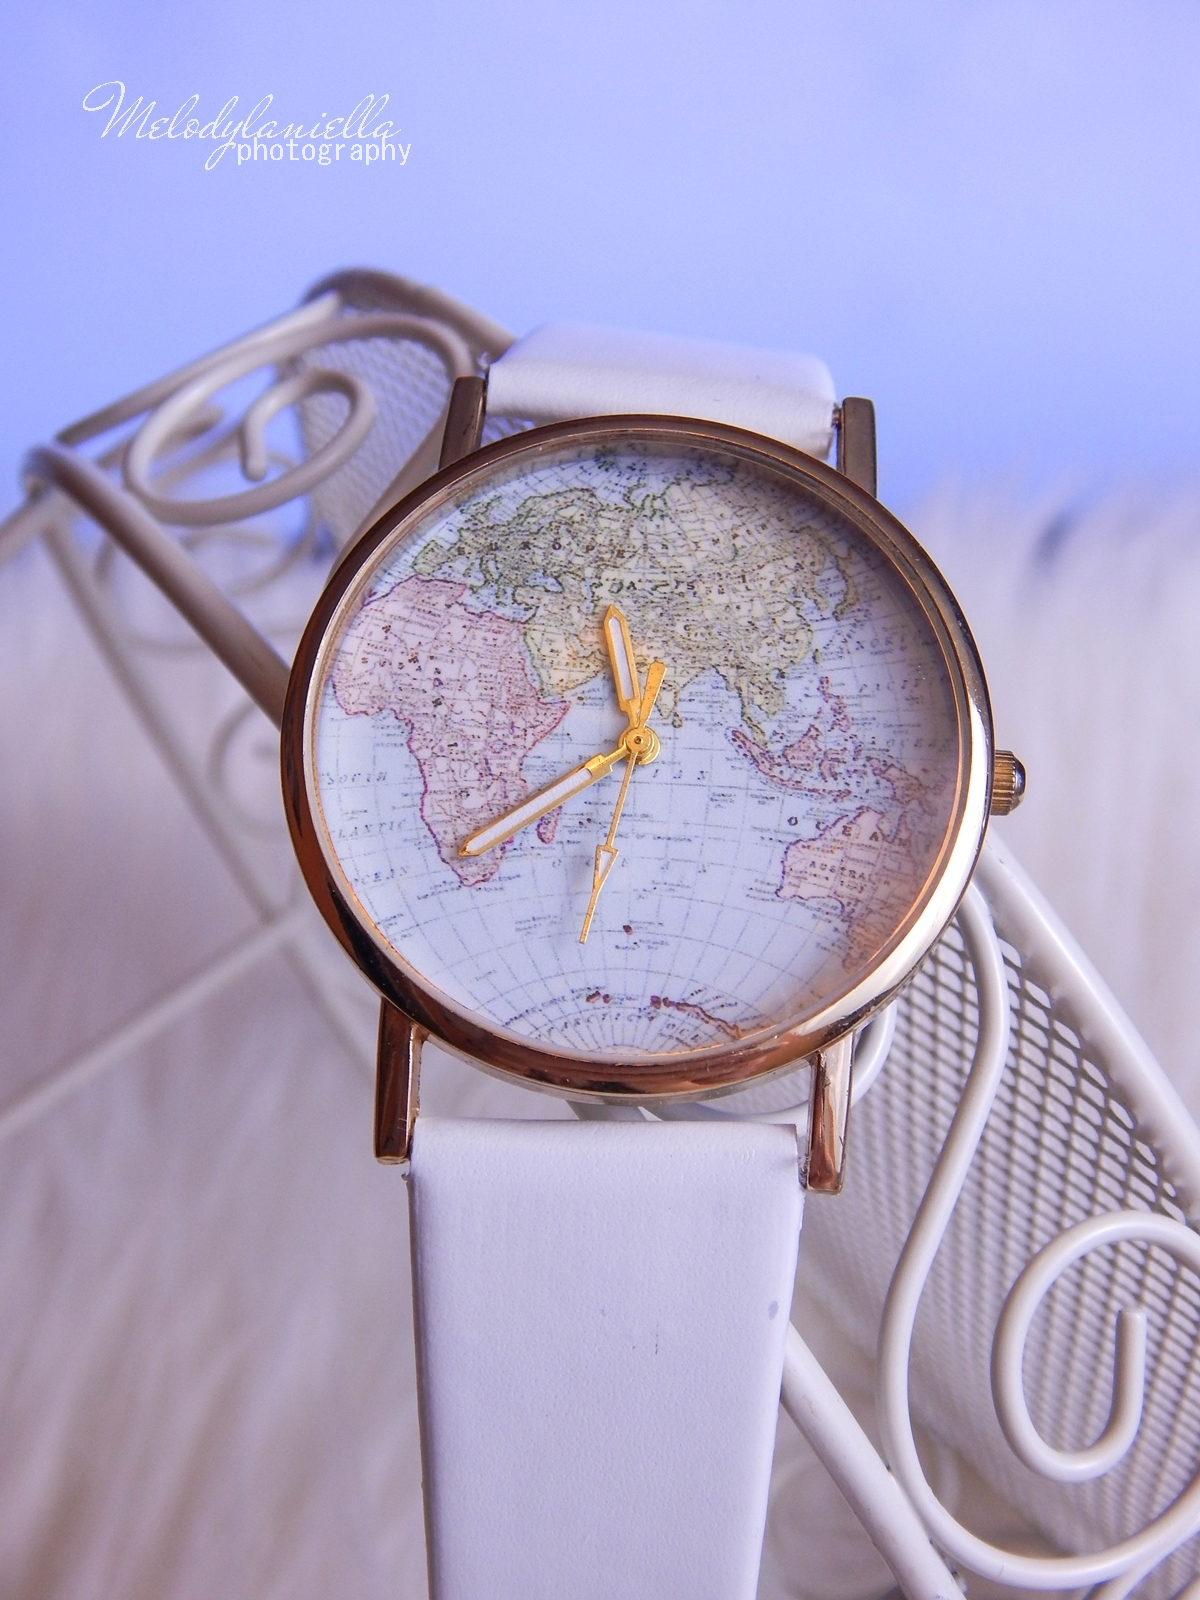 18 Biżuteria z chińskich sklepów sammydress kolczyk nausznica naszyjnik wisiorki z kryształkiem świąteczna biżuteria ciekawe dodatki stylowe zegarki pióra choker chokery złoty srebrny złoto srebro obelisk